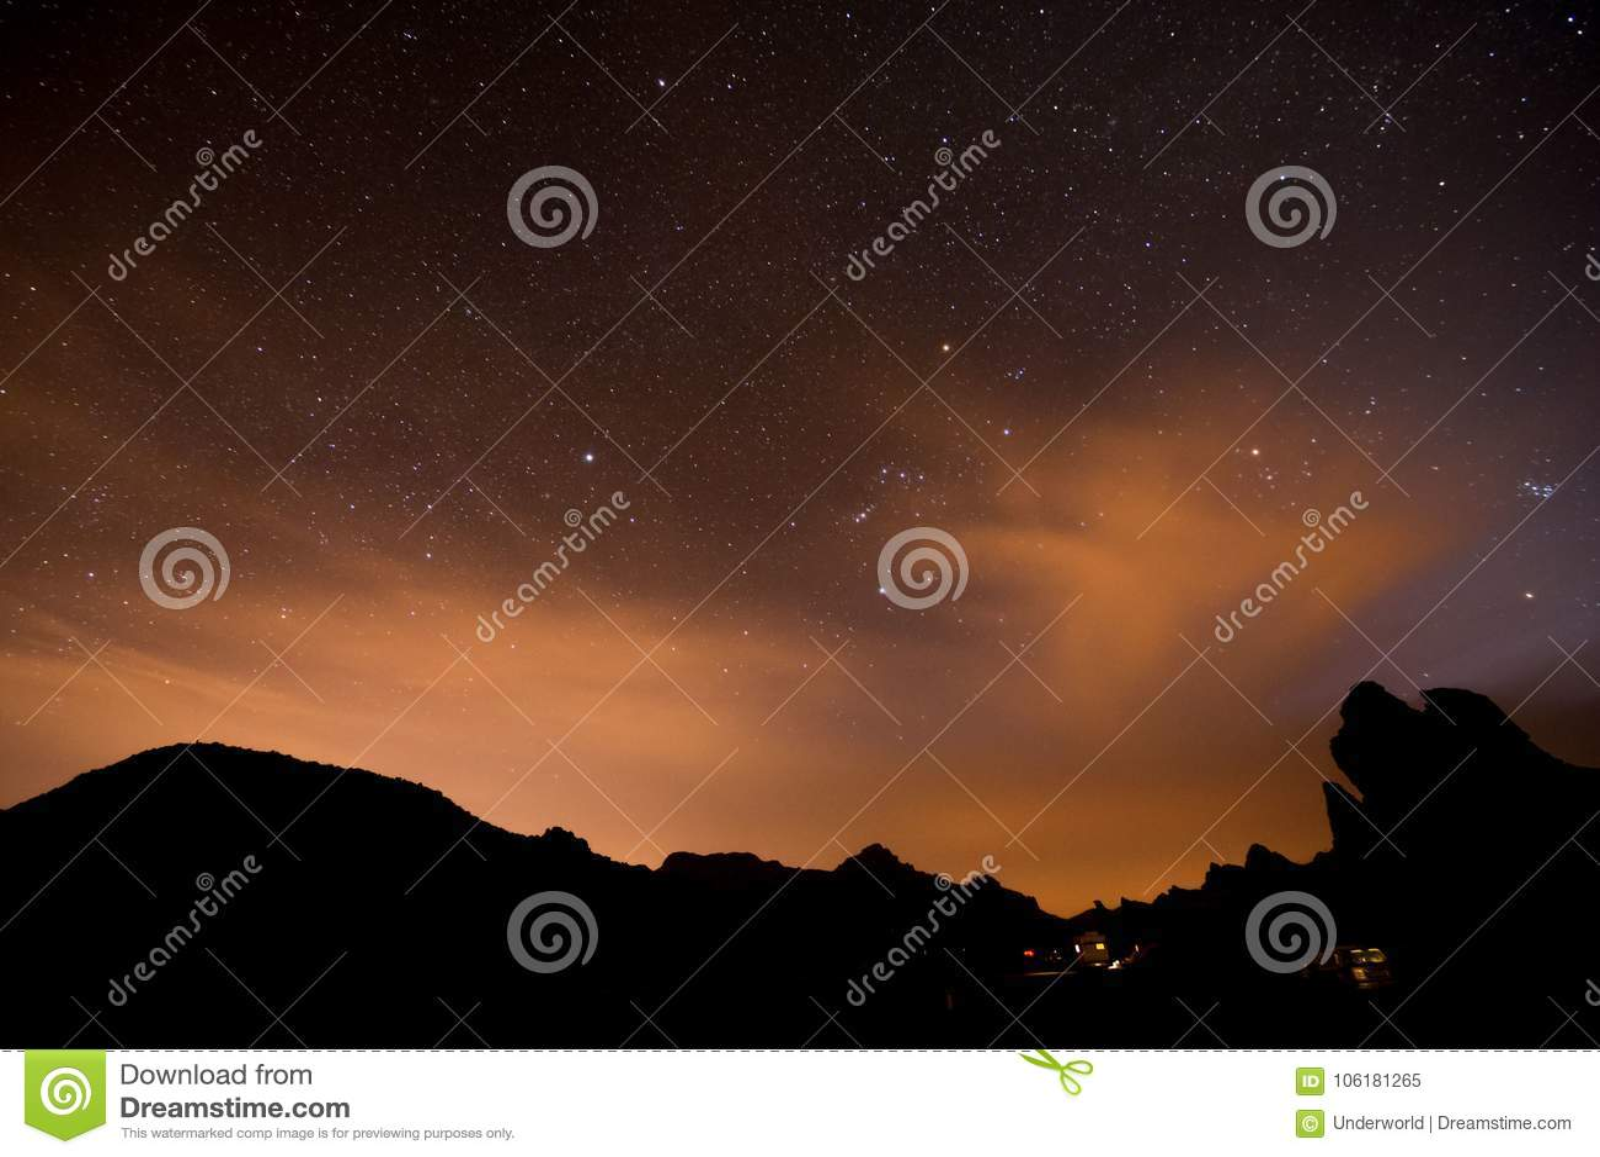 Nocne Niebo obrazek